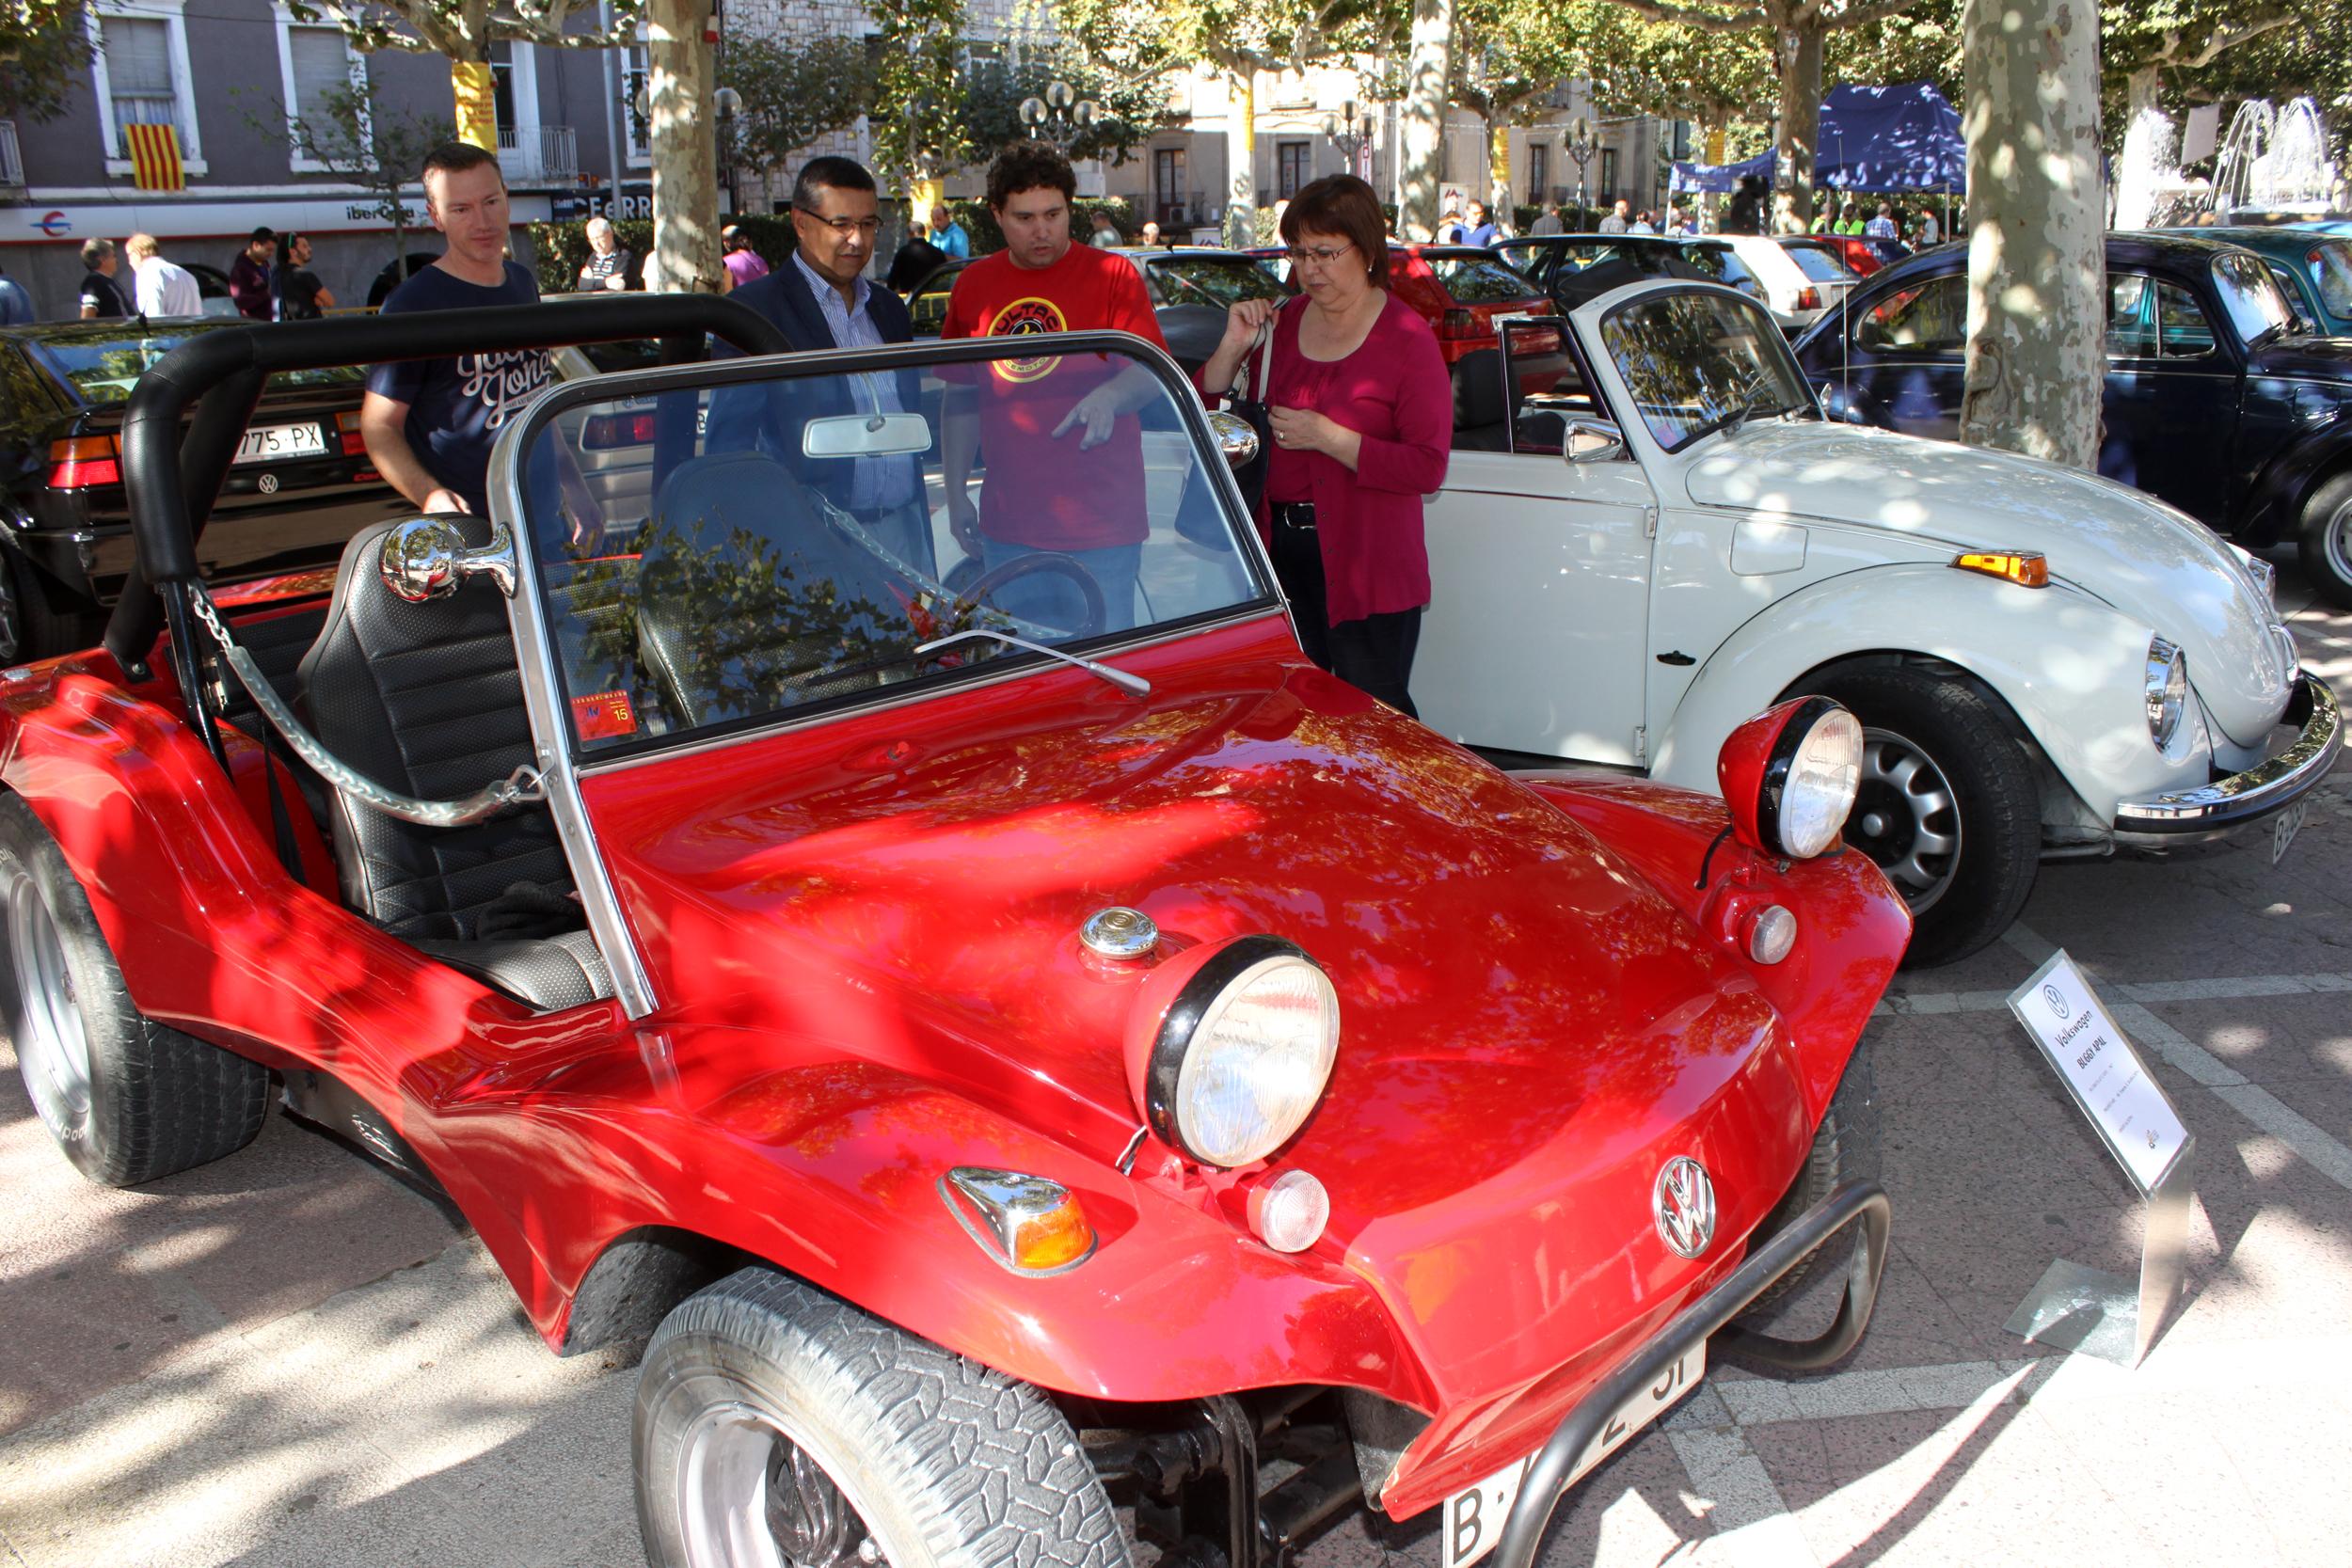 Tàrrega exhibeix models mítics de les marques Volkswagen i Derbi dins la 5a Fira de Vehicles Antics i Clàssic